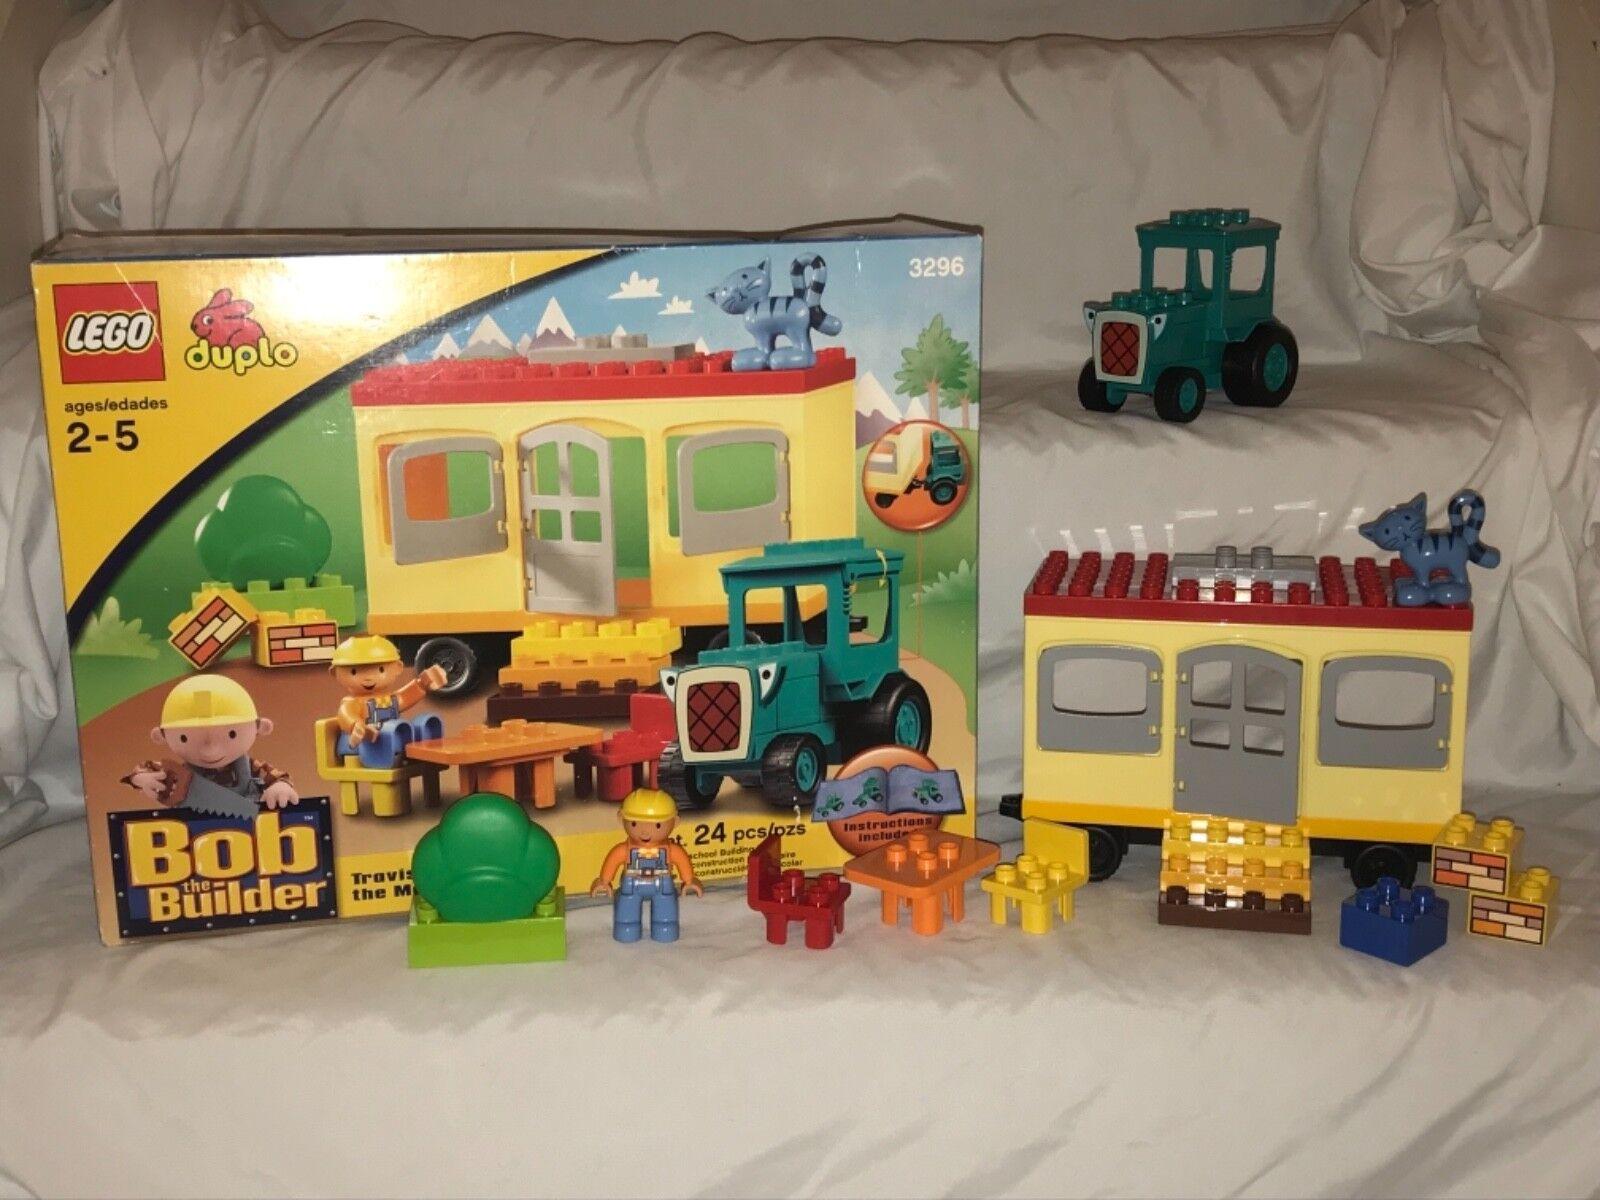 Lego duplo  Bob le Bricoleur Travis et le mobile voitureavane (3296) 2005 complet  vente au rabais